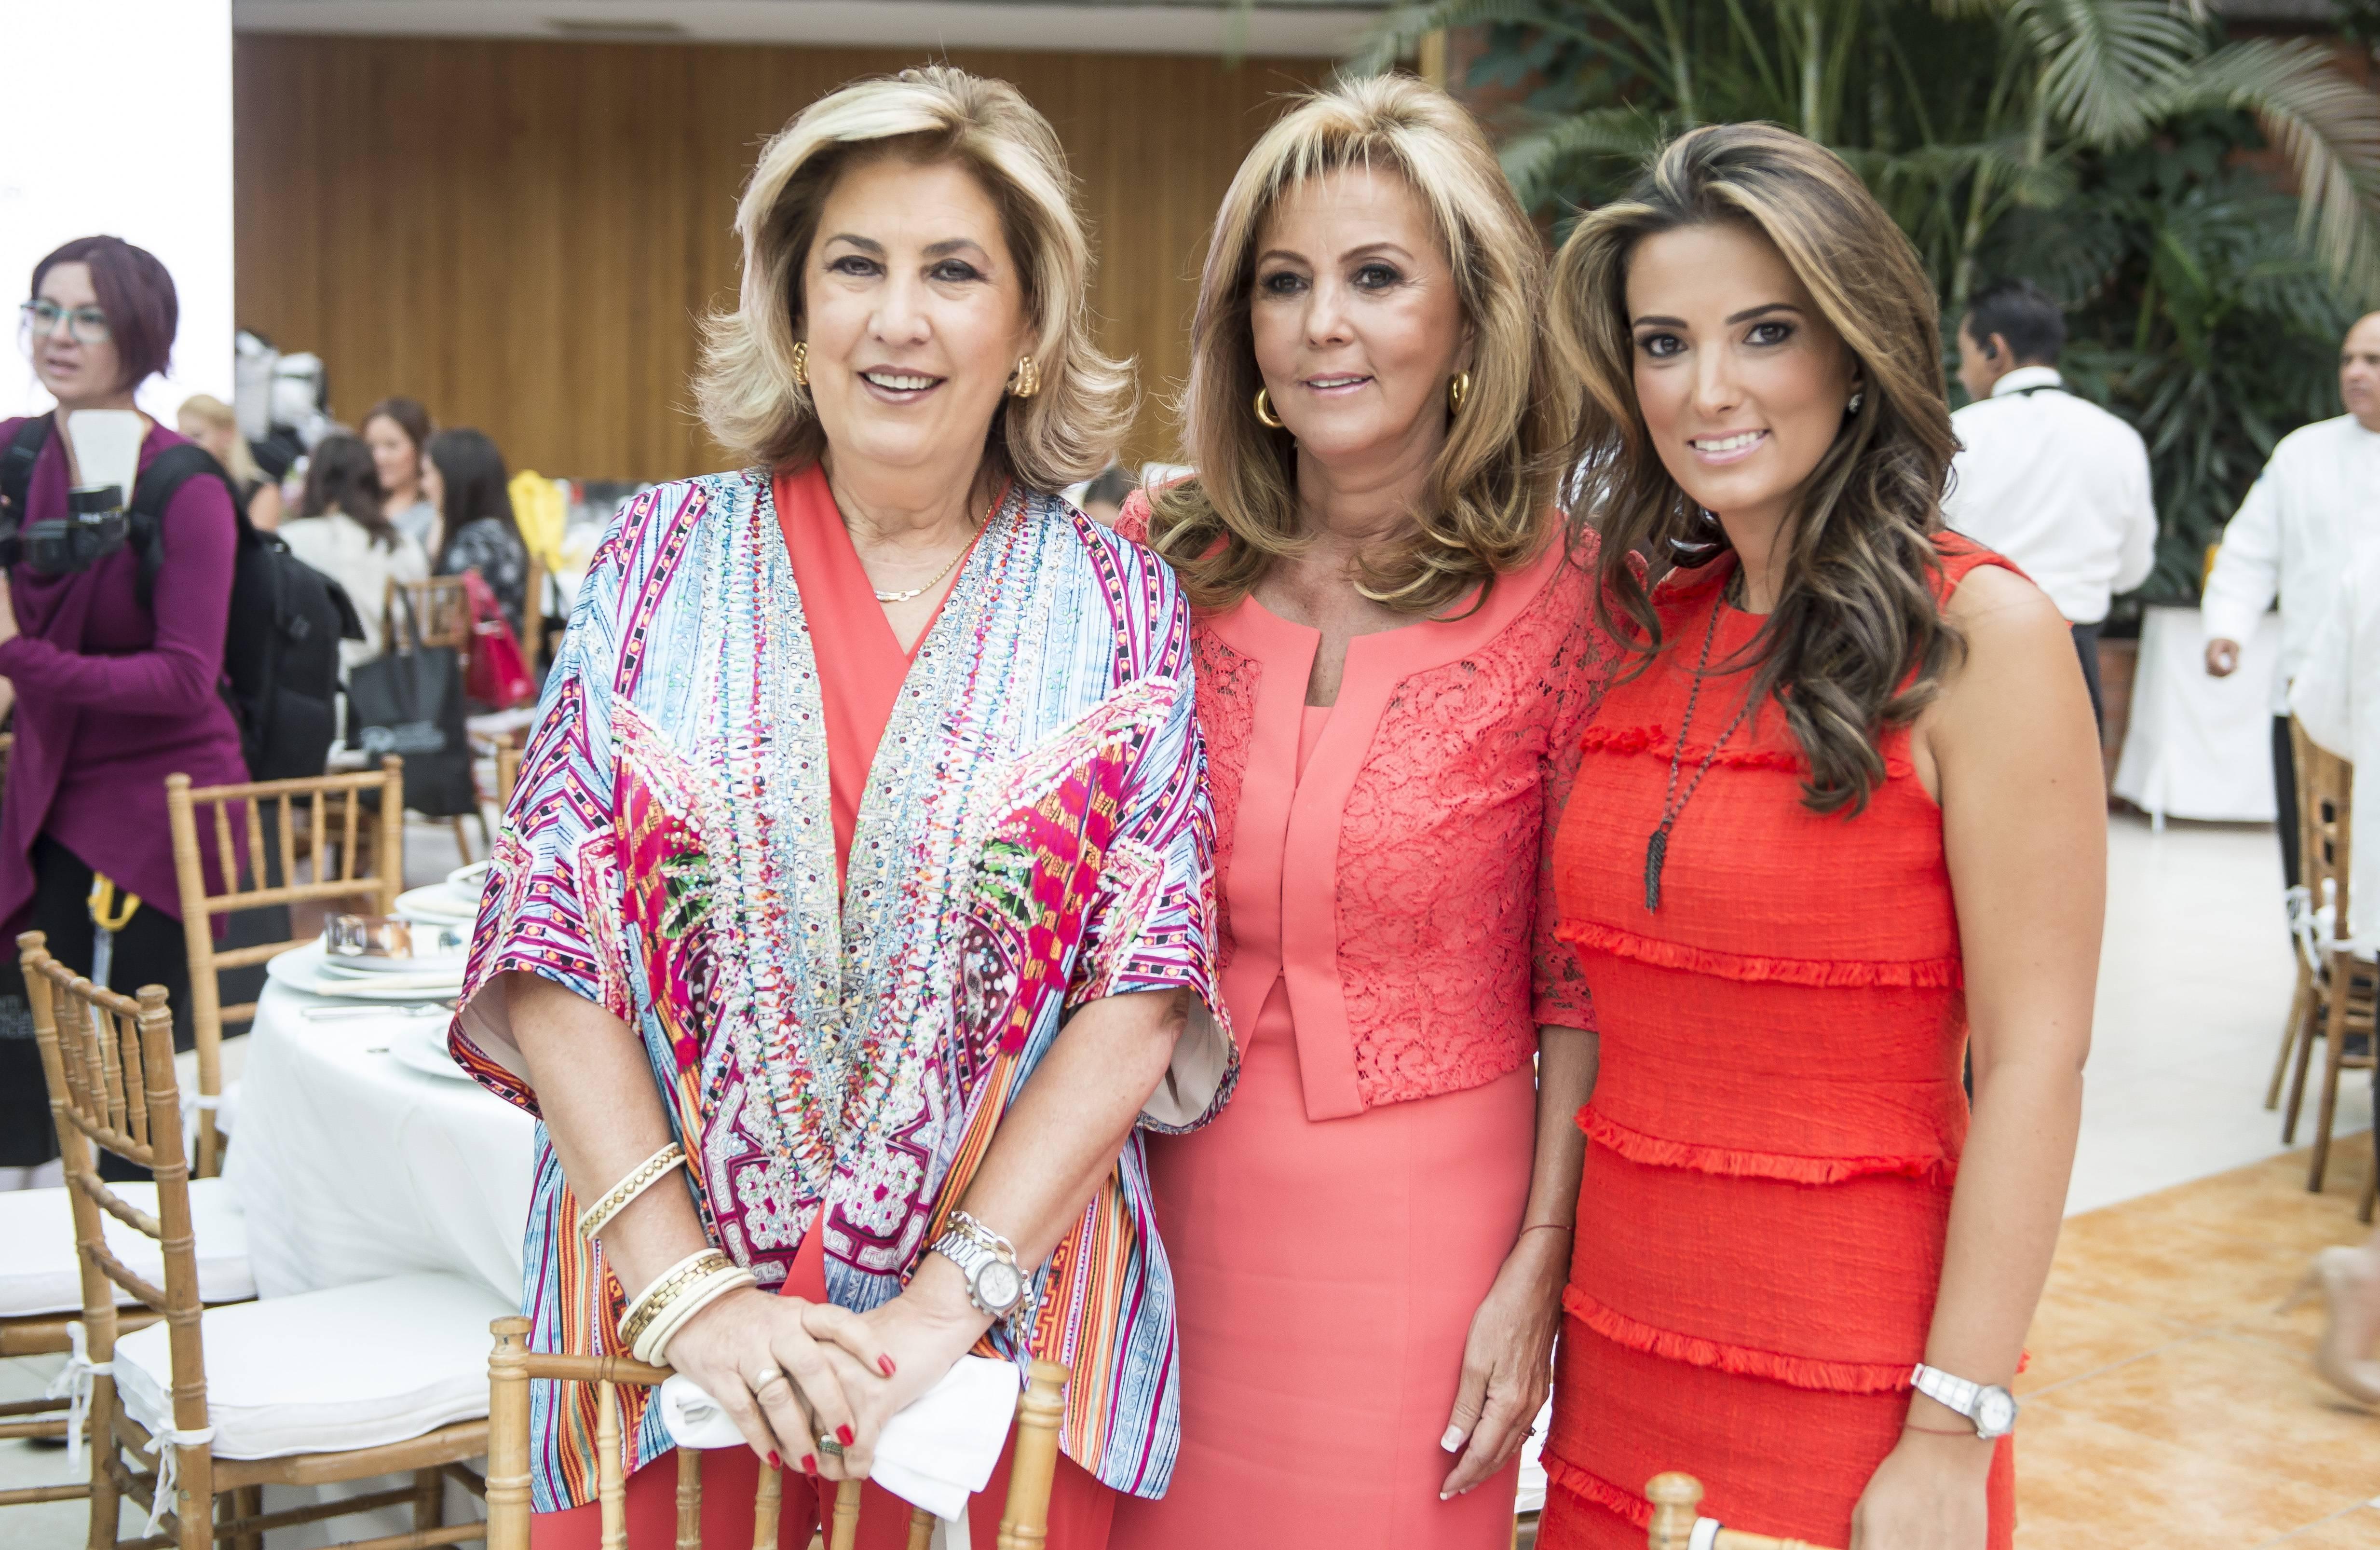 Las mamás fueron consentidas por los alumnos del Miraflores. Aquí: Fernanda Carredano, Marina Batalla y María Sanfeliz JDS